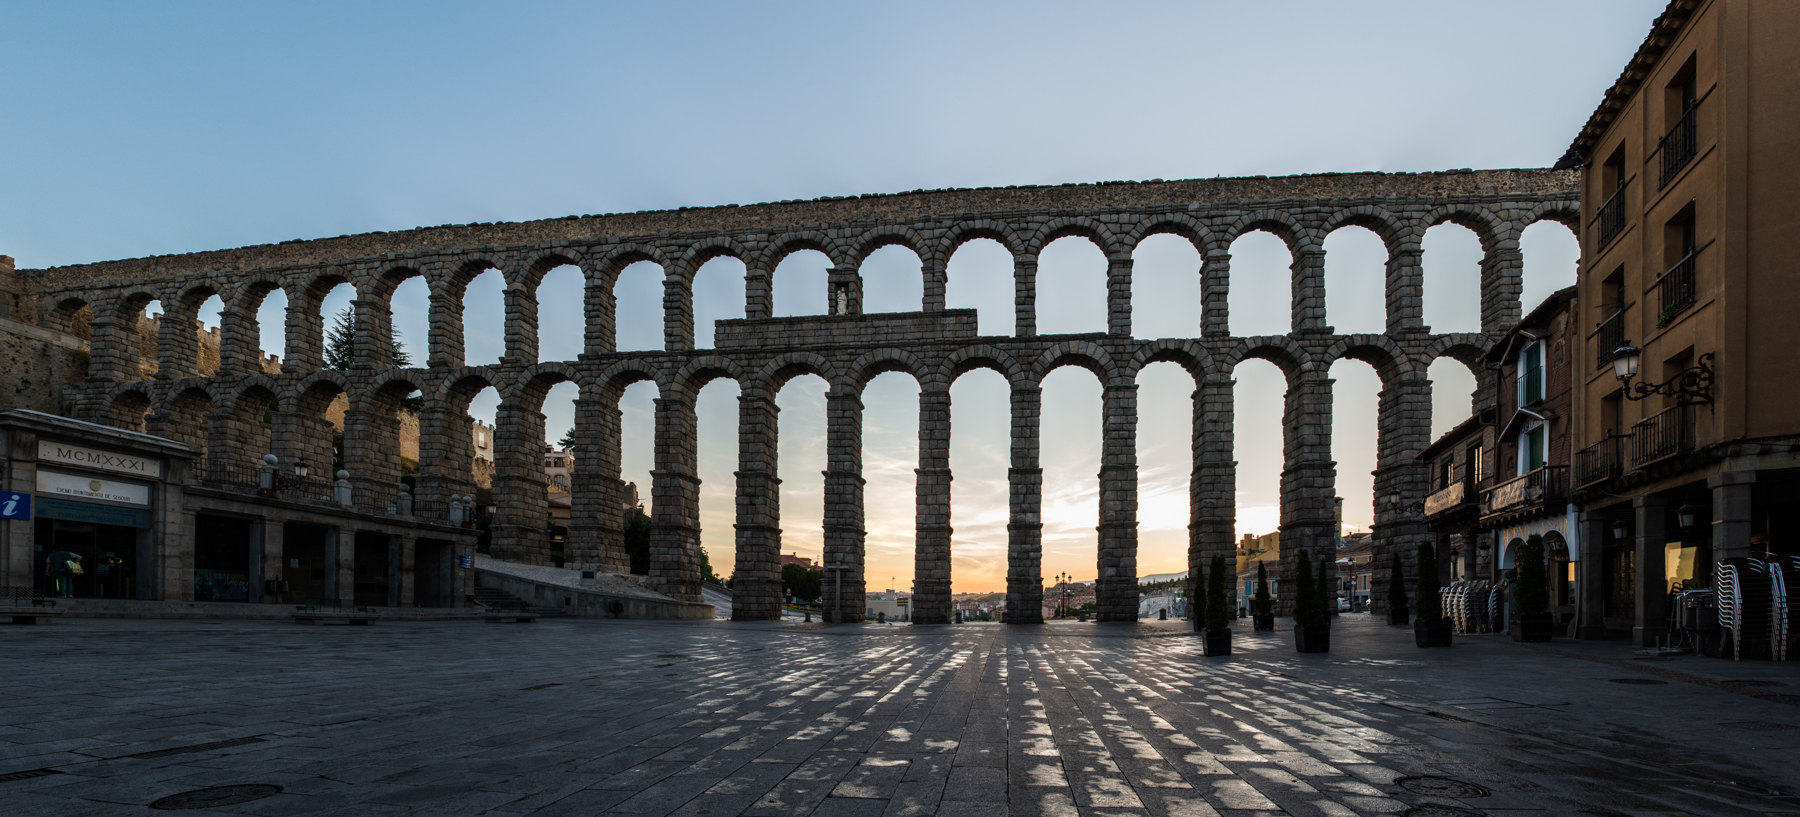 El acueducto de Segovia, construido sin argamasa, se mantiene en pie tras 2.000 años.